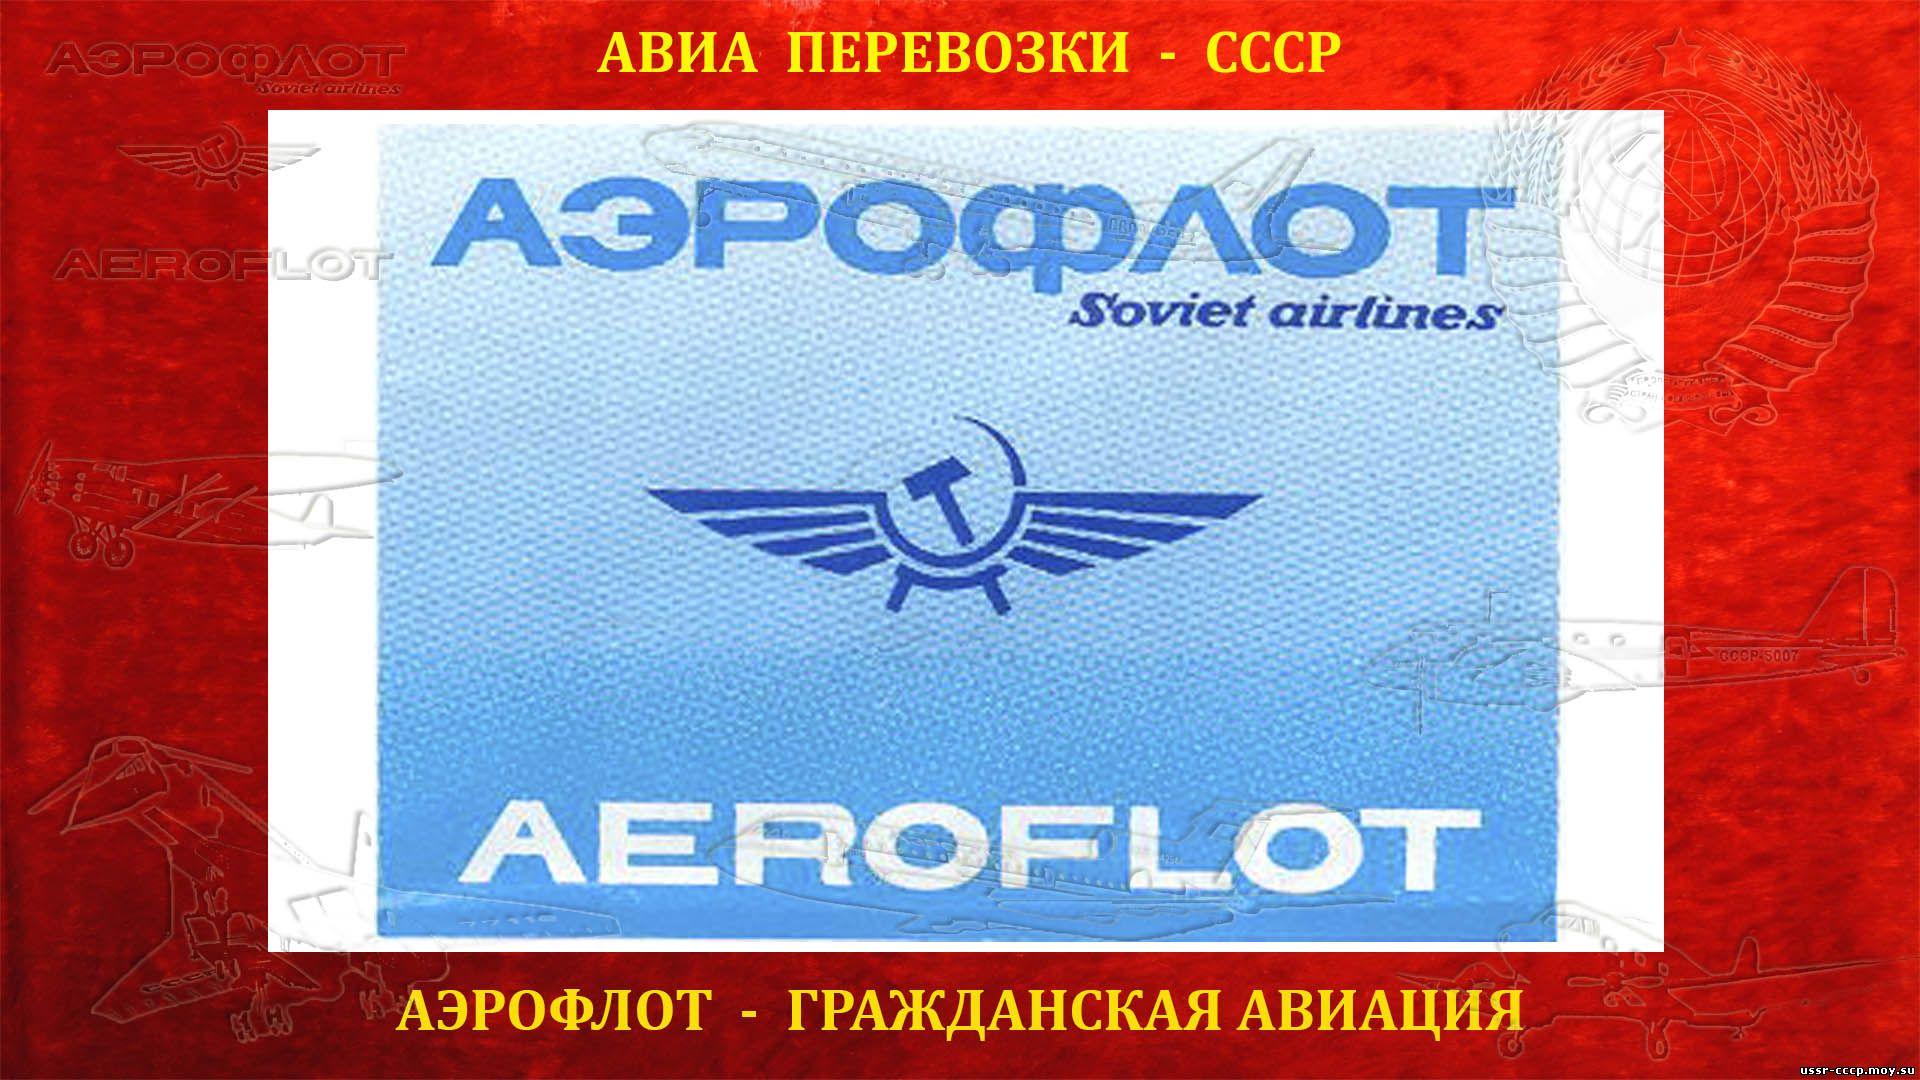 АЭРОФЛОТ - Гражданский Воздушный Флот СССР